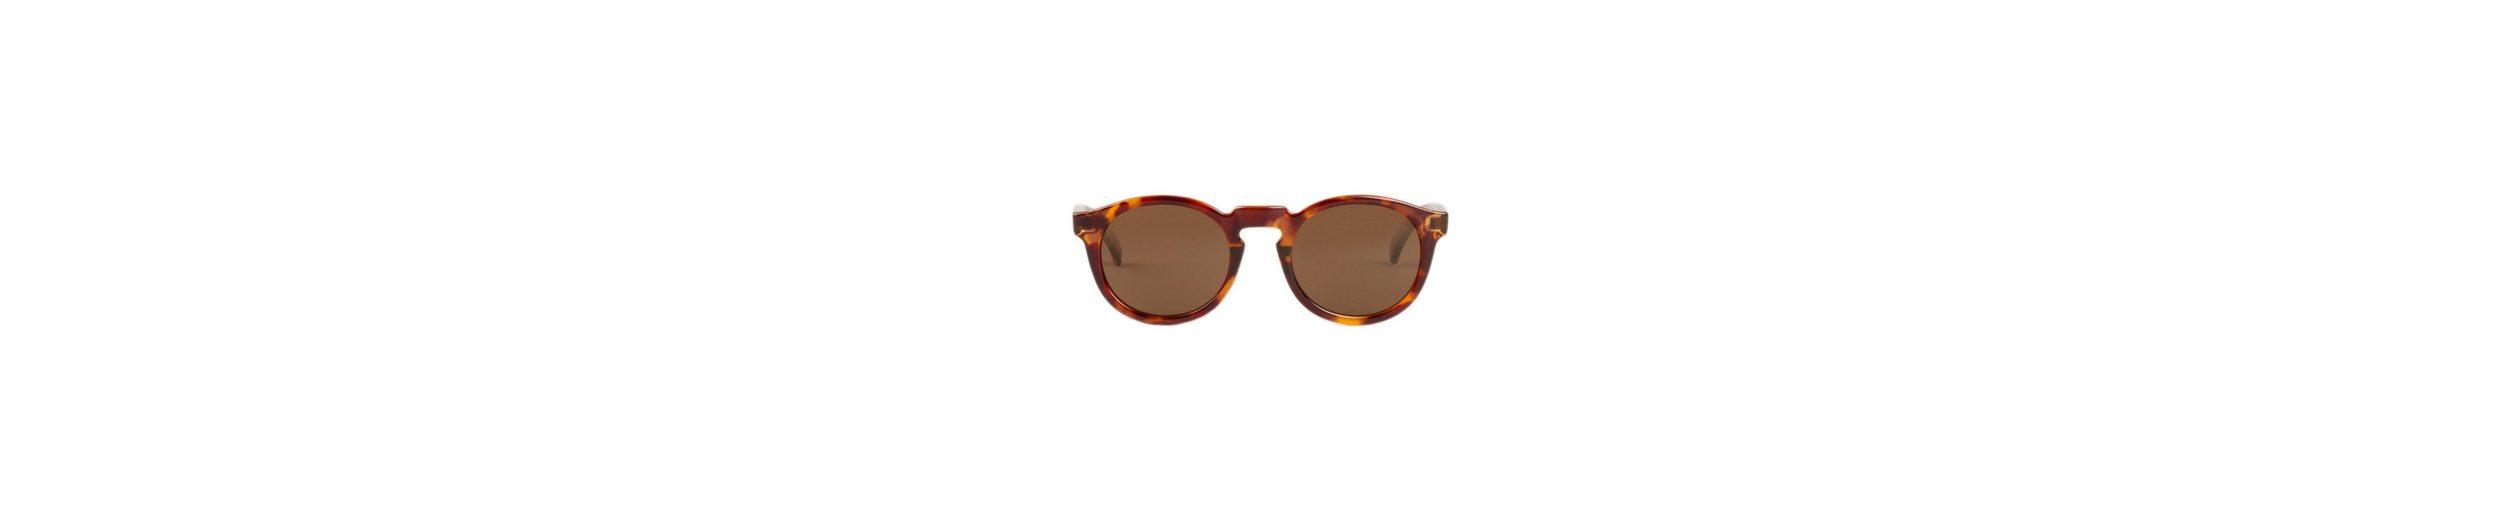 Mr. Boho Sonnenbrille »Vintage Tortoise Jordaan mit klassischen Gläsern«